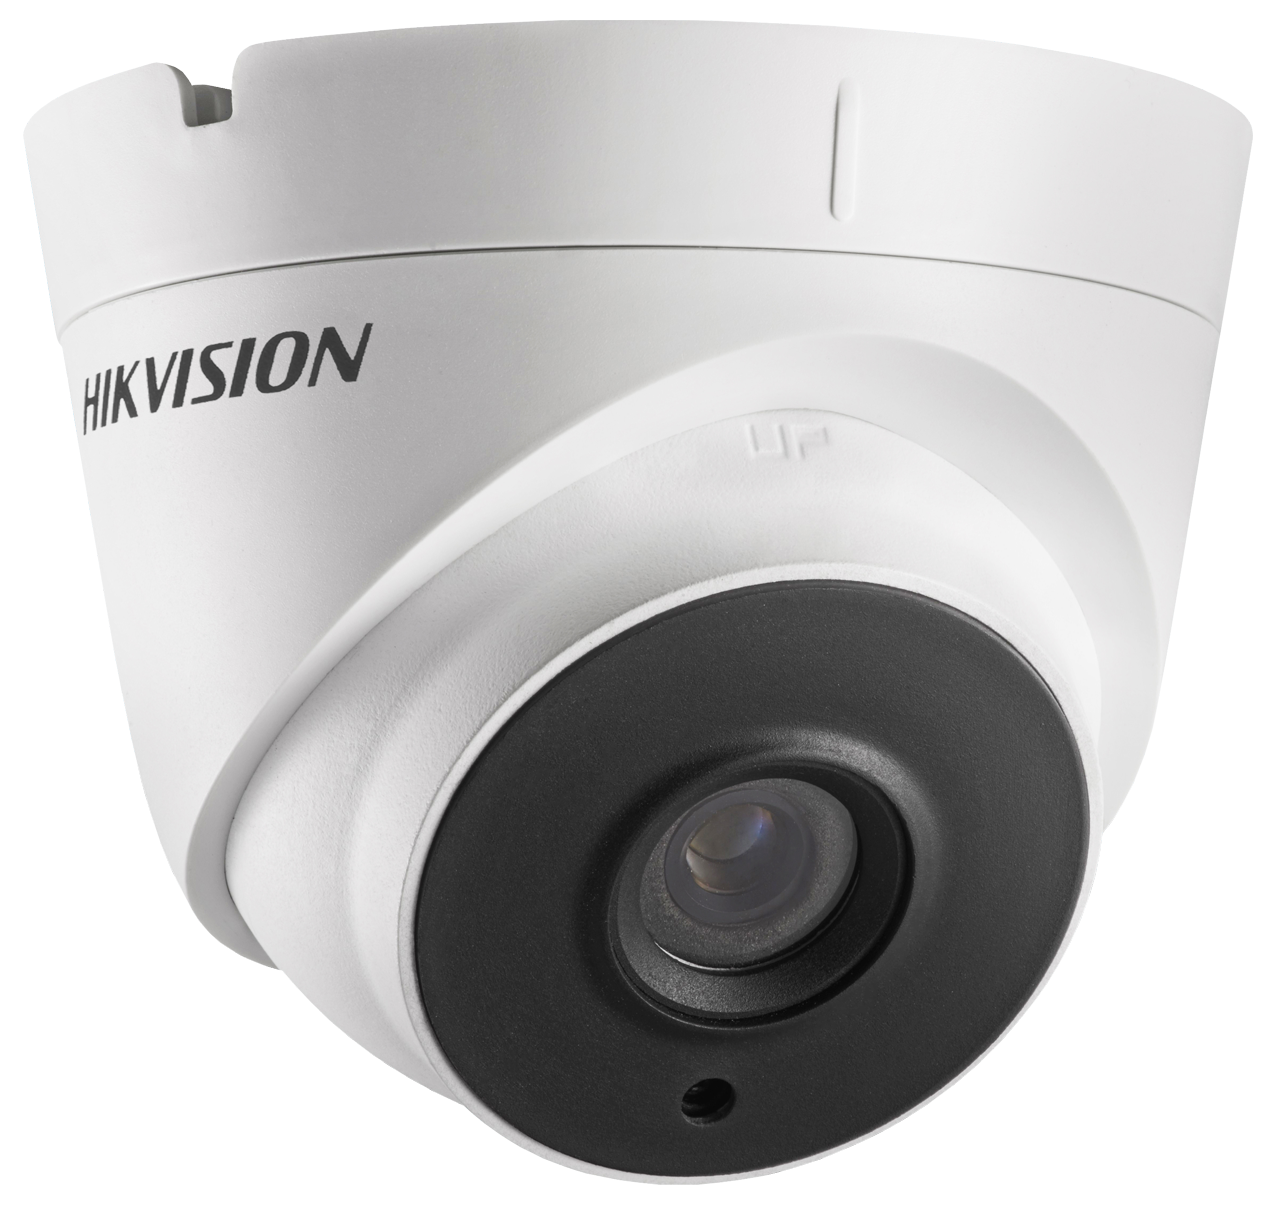 HIKVISION DS-2CE56D8T-IT3E (3.6mm)